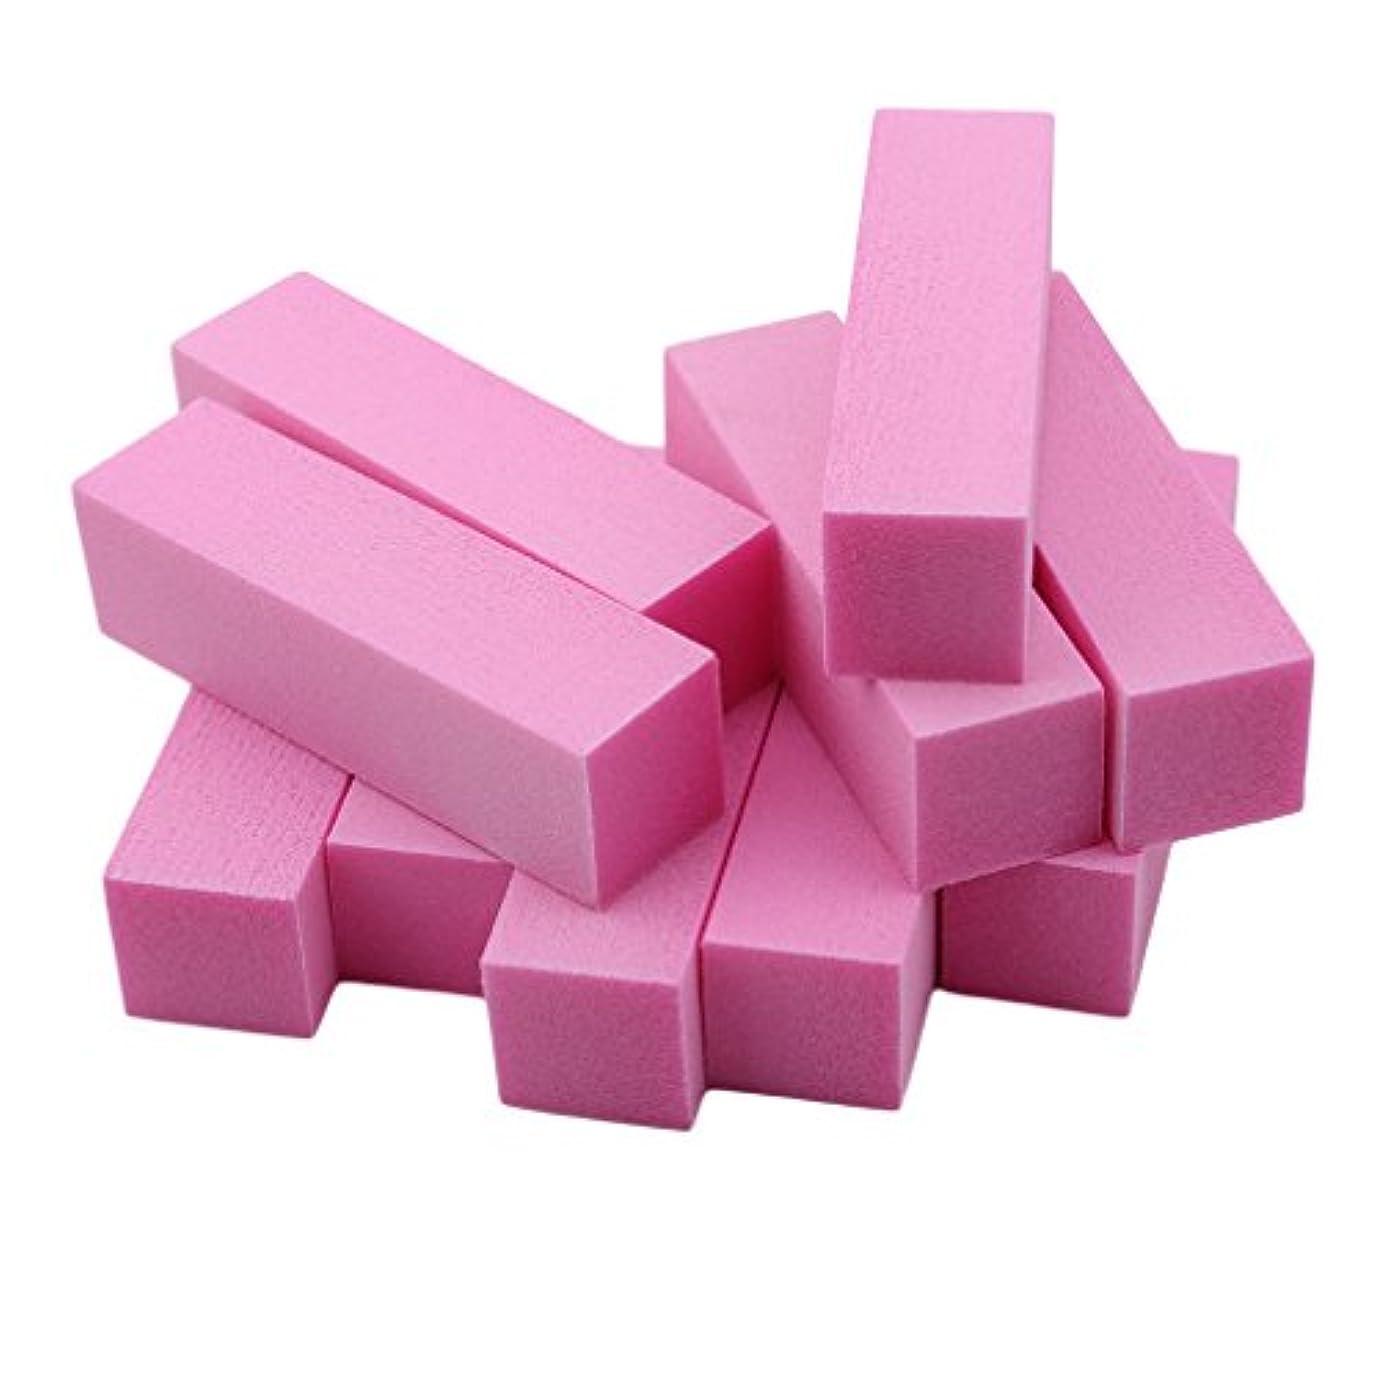 リフト非難体系的にJIOLK ブロックバッファー 爪磨き スポンジネイルファイル ジェルネイルバッファー 爪やすり 爪磨き 4面 10本セット ネイルケアセット ネイルケア やすり